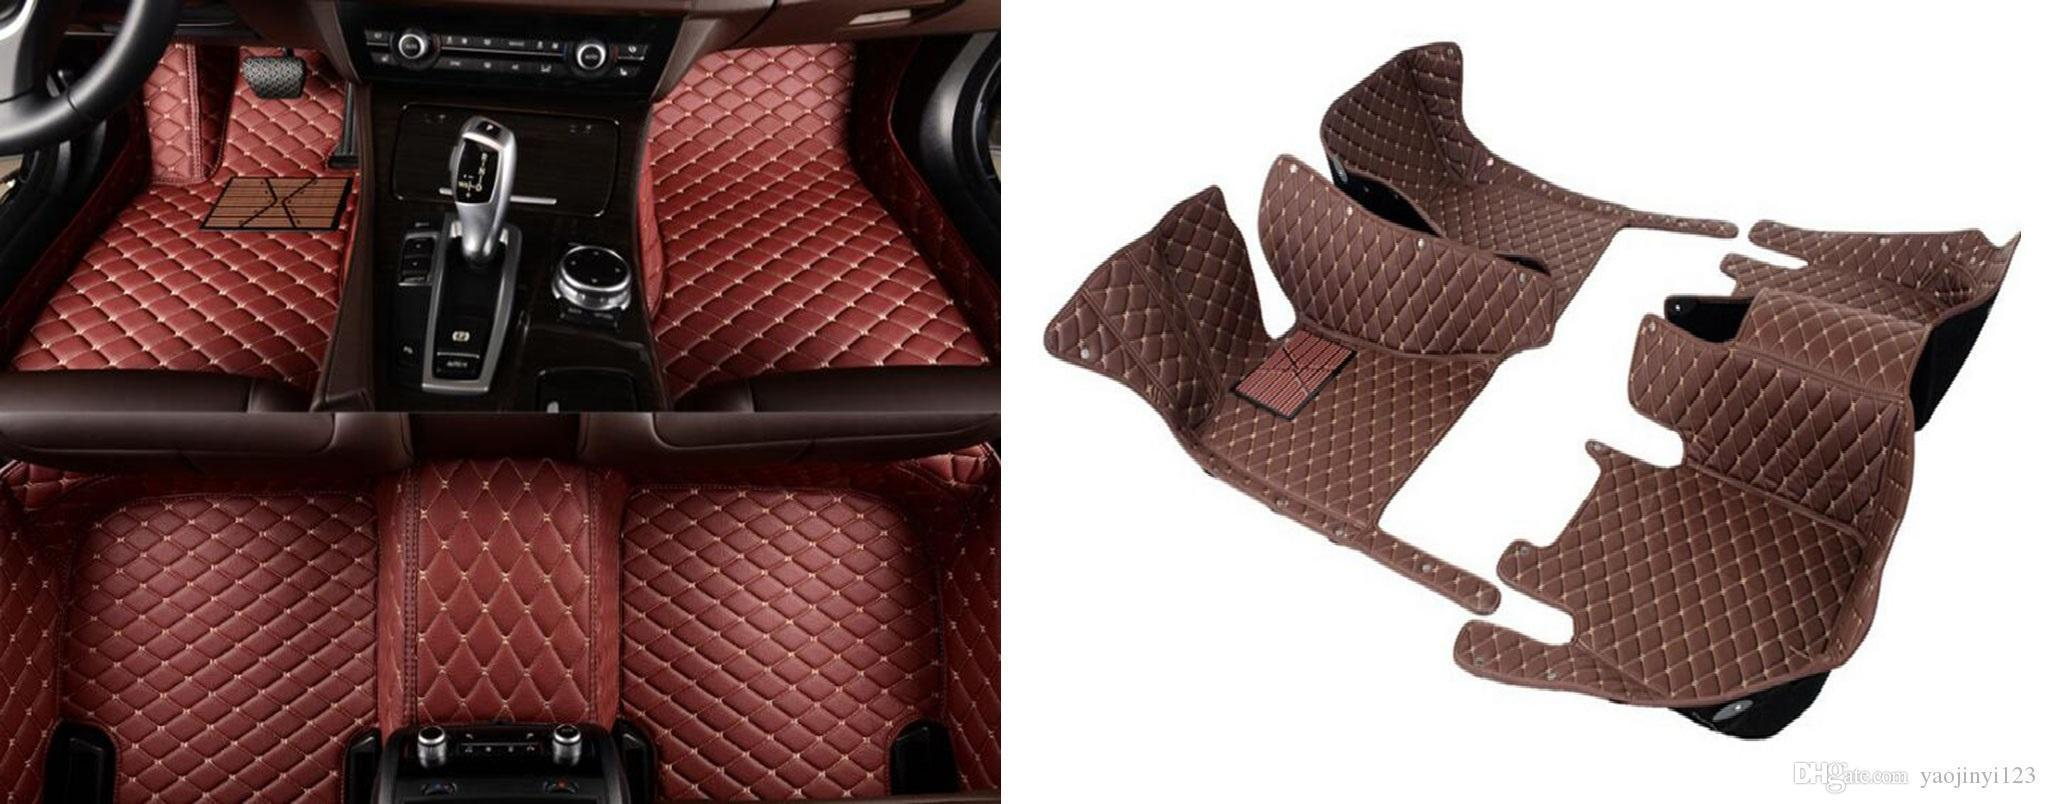 5D completa circondato cucito ricamo tappetini auto per FORD MONDEO 2016 tappeti per auto in pelle con XPE materiale verde